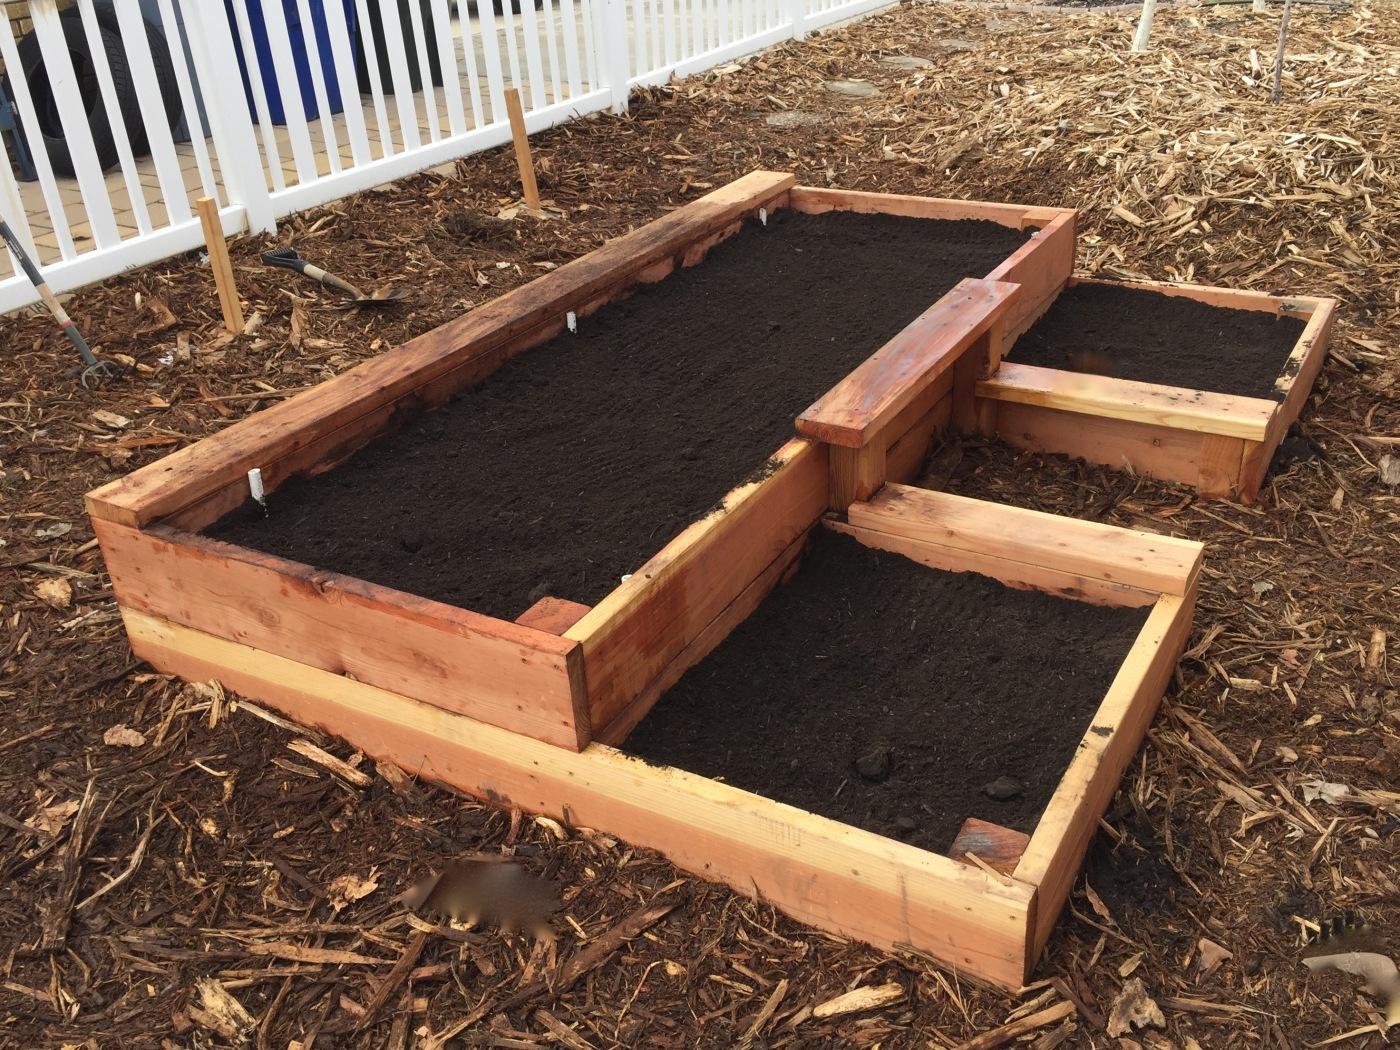 Preparing garden beds part 2: raised beds – Foodscaping Utah